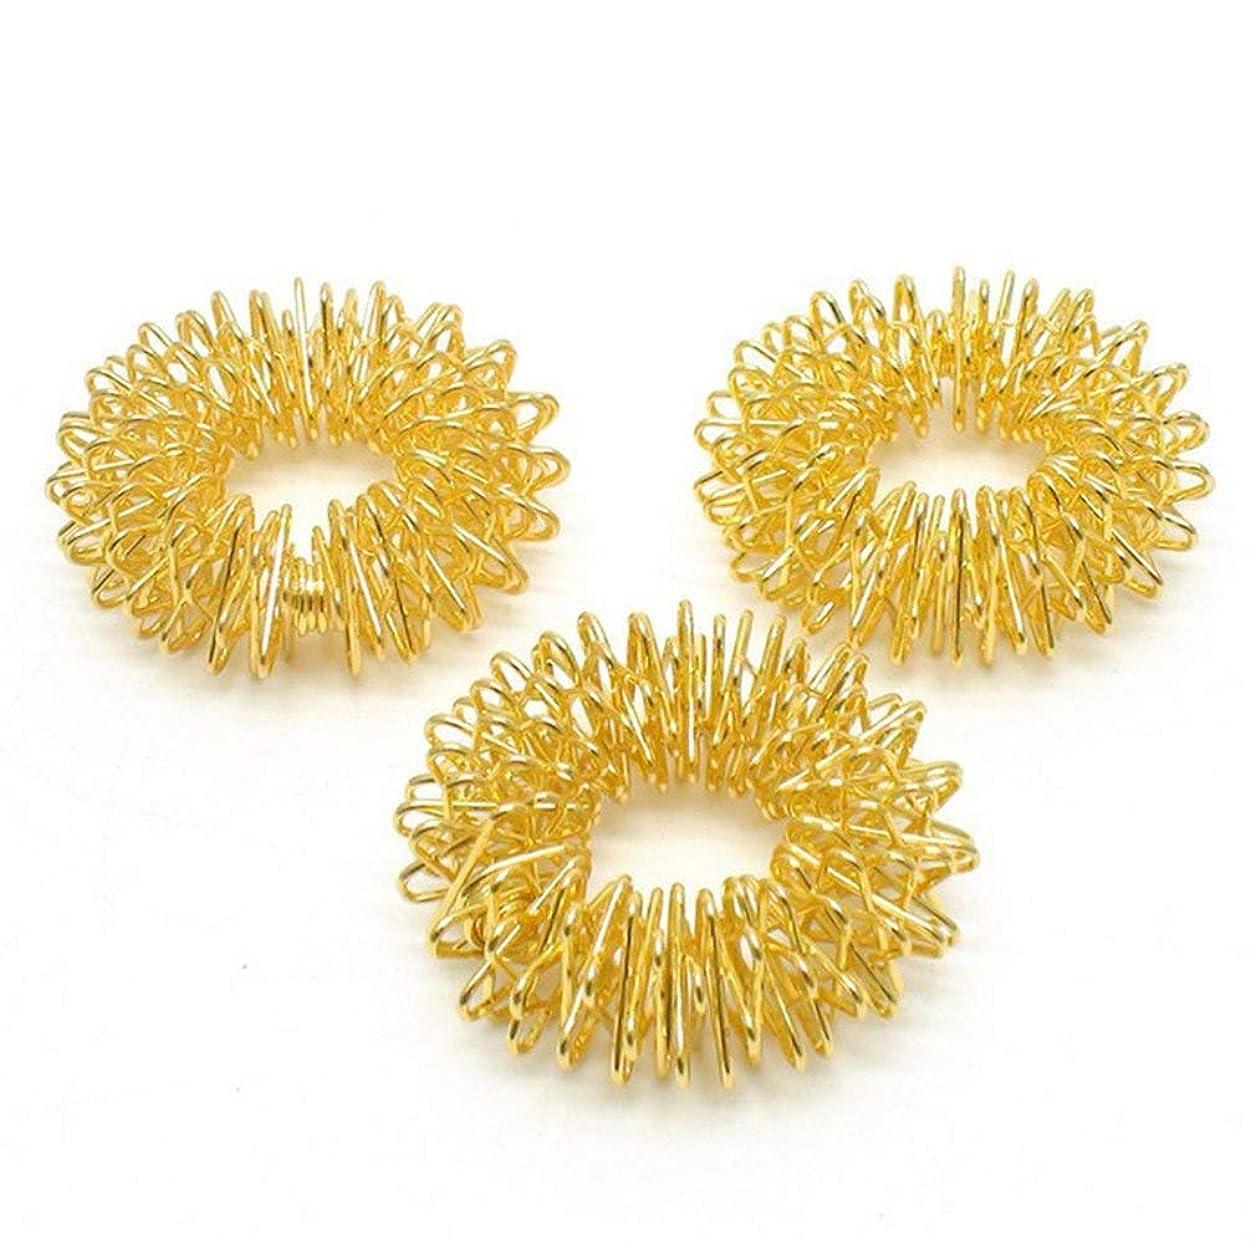 くそー避ける最小化する指のマッサージリング鍼灸マッサージリングヘルスケアボディマッサージ - ゴールド